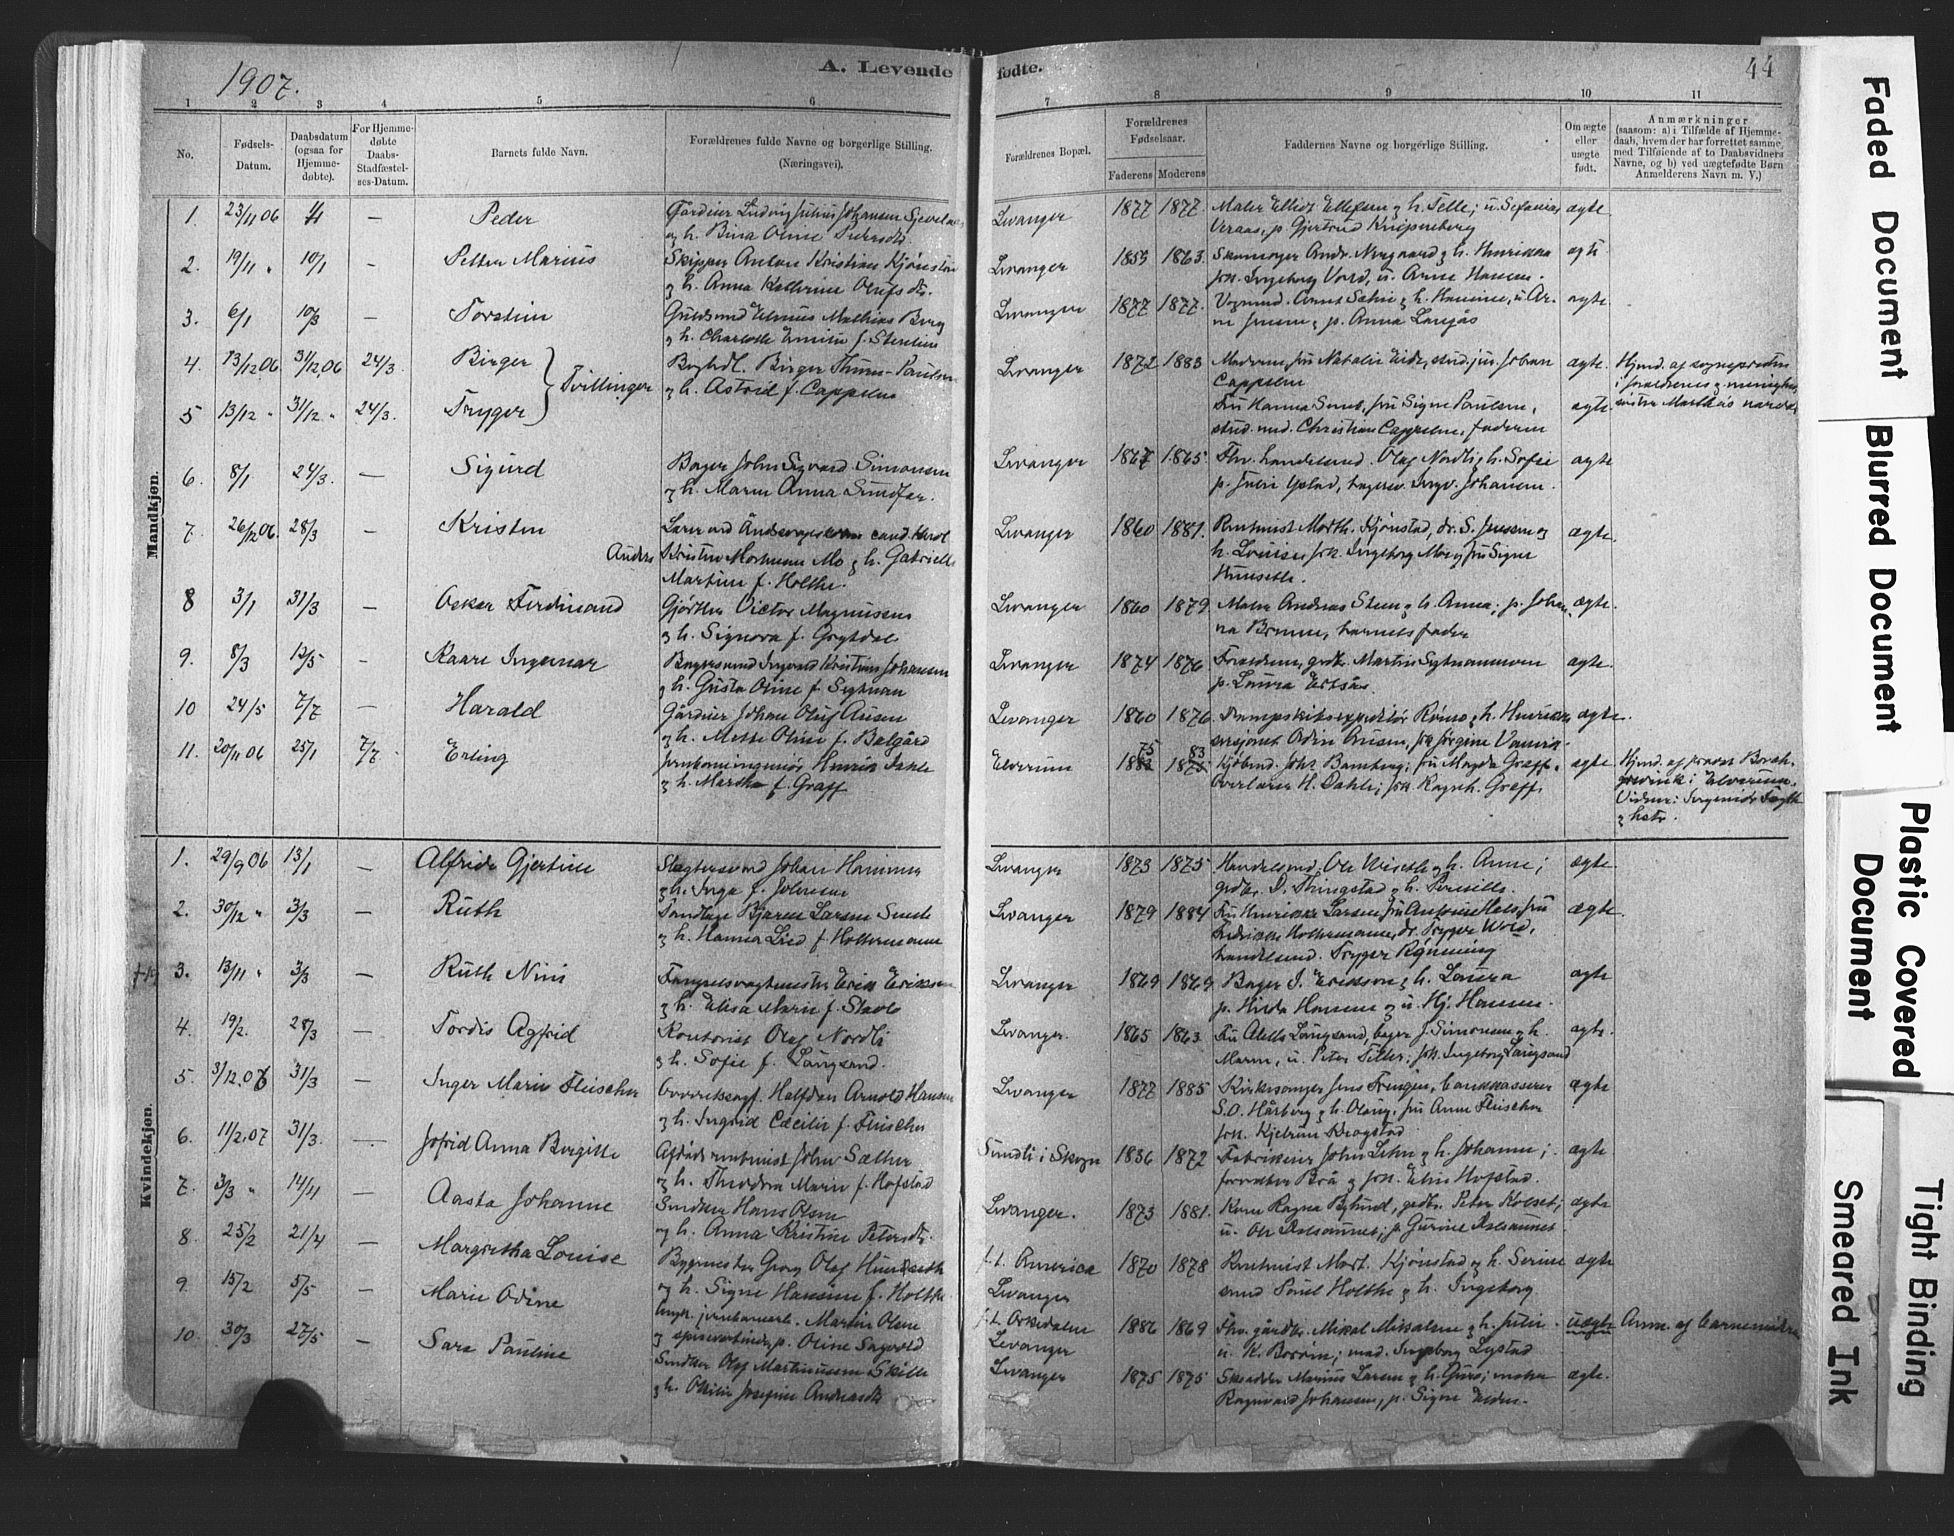 SAT, Ministerialprotokoller, klokkerbøker og fødselsregistre - Nord-Trøndelag, 720/L0189: Ministerialbok nr. 720A05, 1880-1911, s. 44